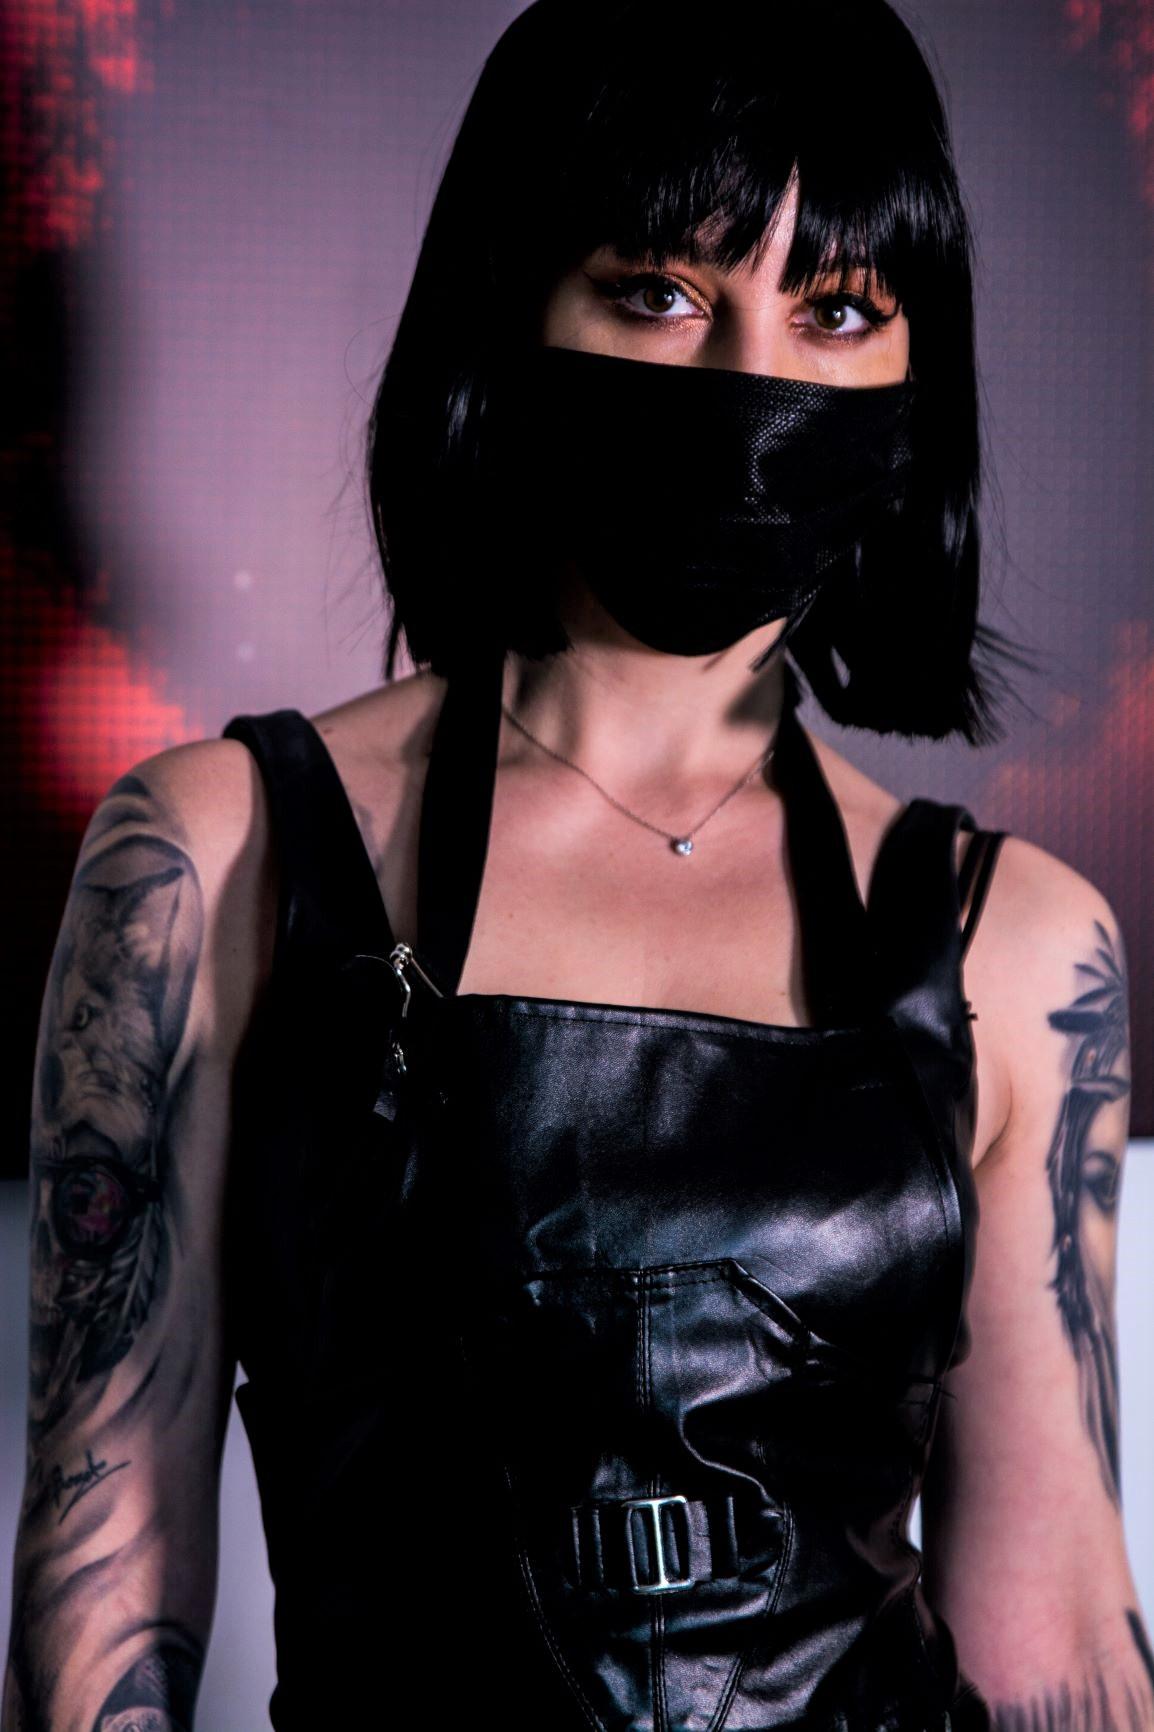 Deep Drop Studio proiect fotografii tatuaje portret de femeie cu tatuaje